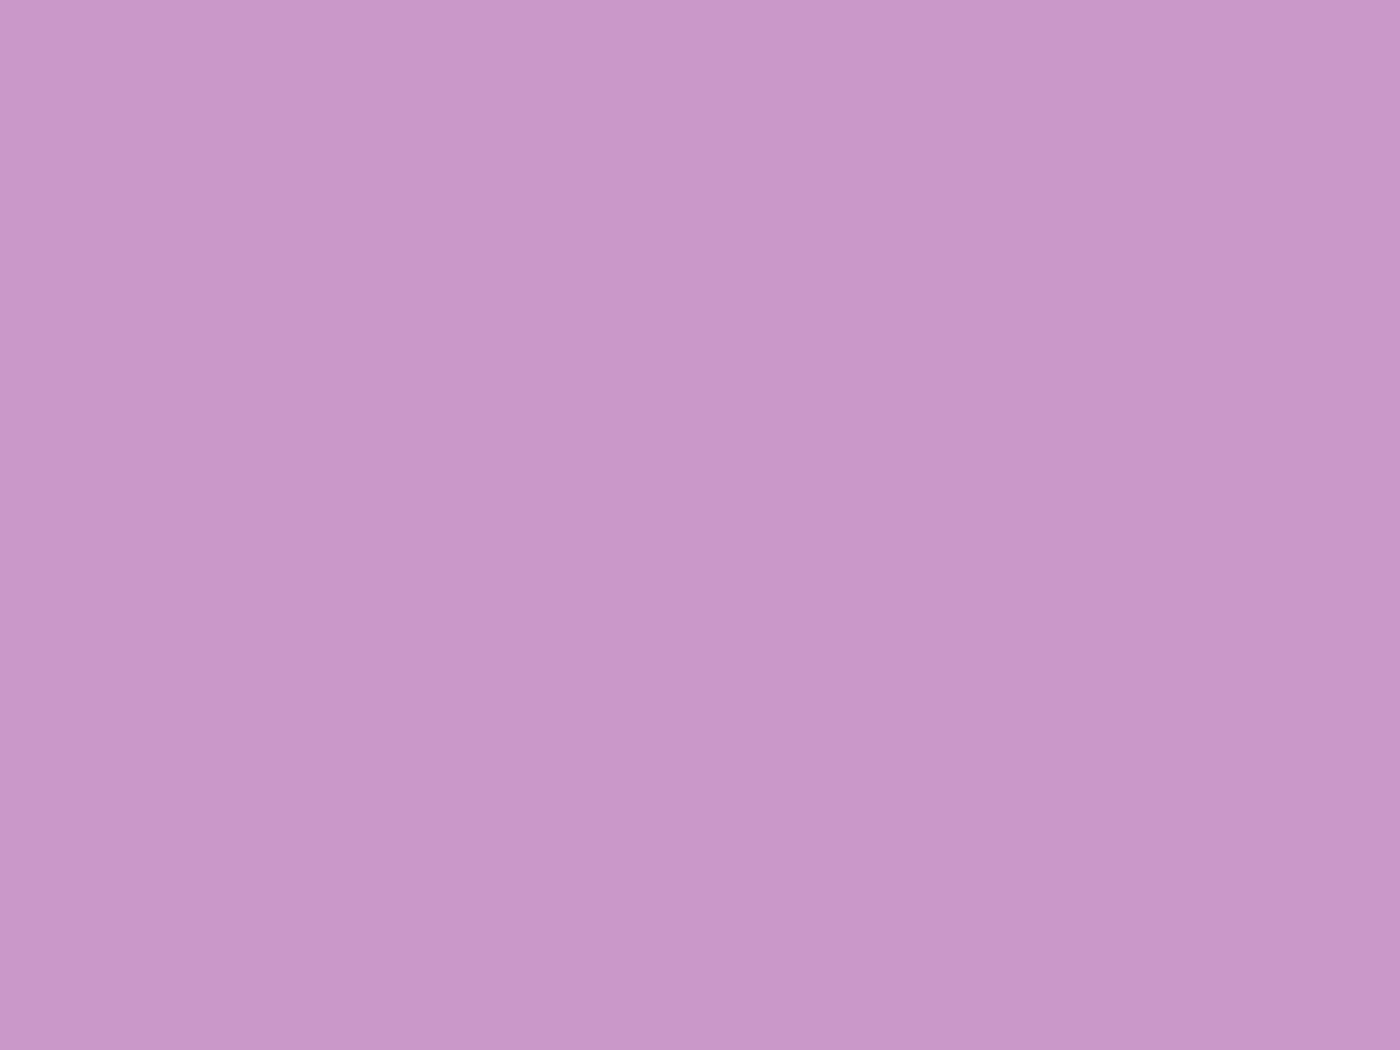 1400x1050 Pastel Violet Solid Color Background